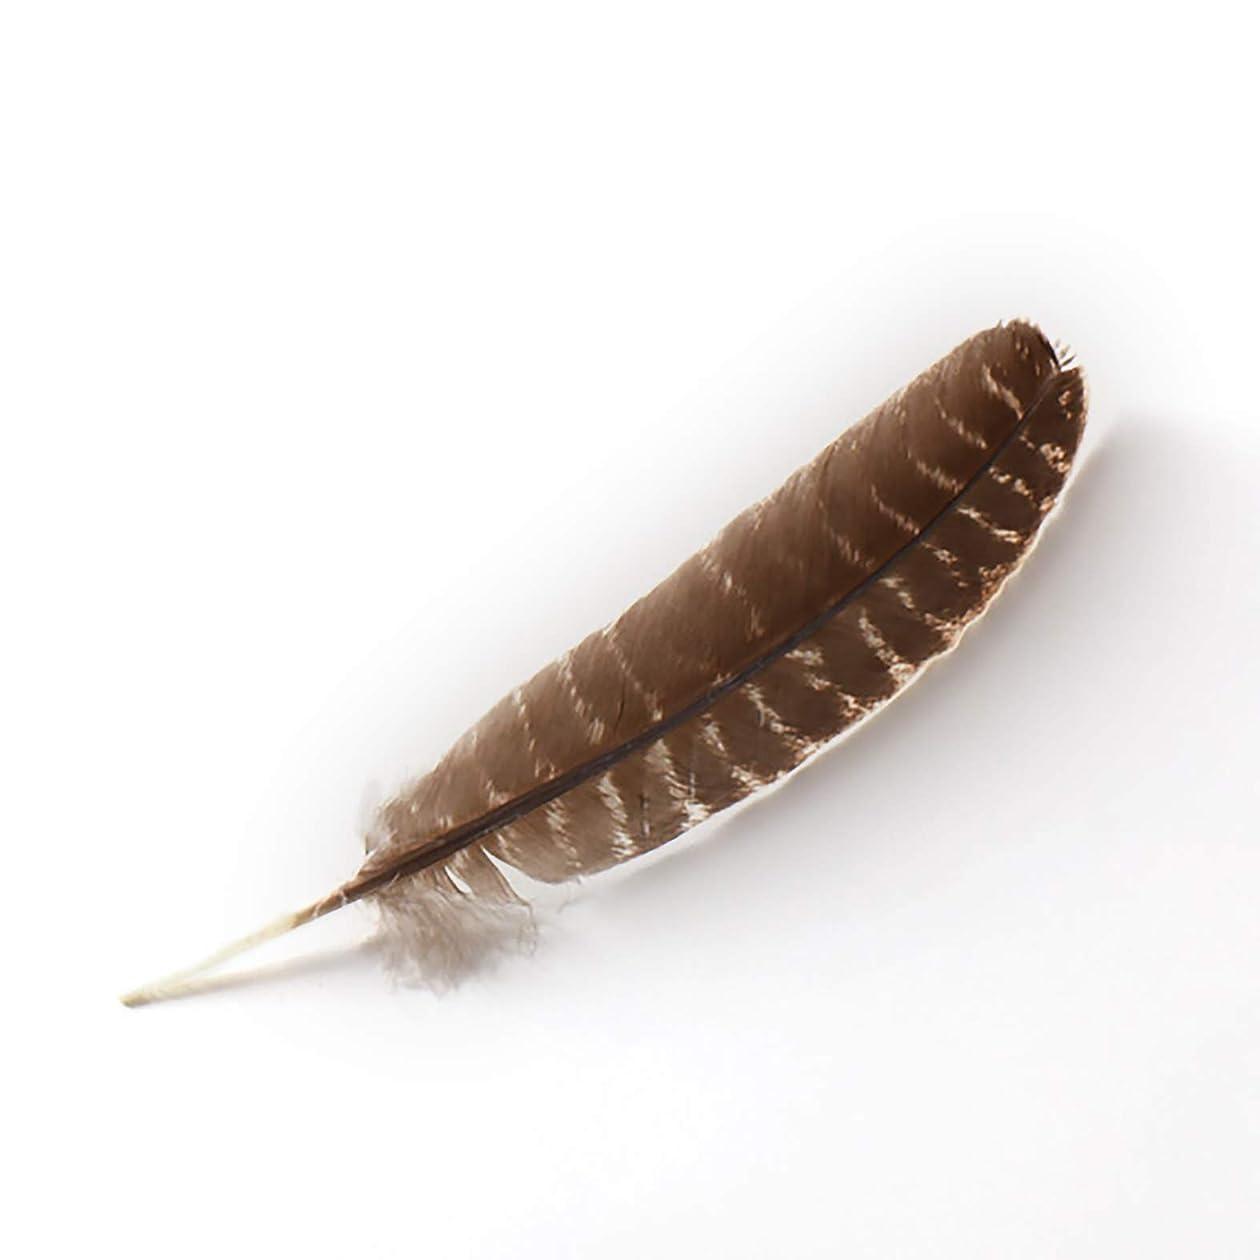 最初にぶら下がる休眠BODHI TREE ワイルドターキー 伝統的 スマッジフェザー 天然バーレッド (欠陥なし)